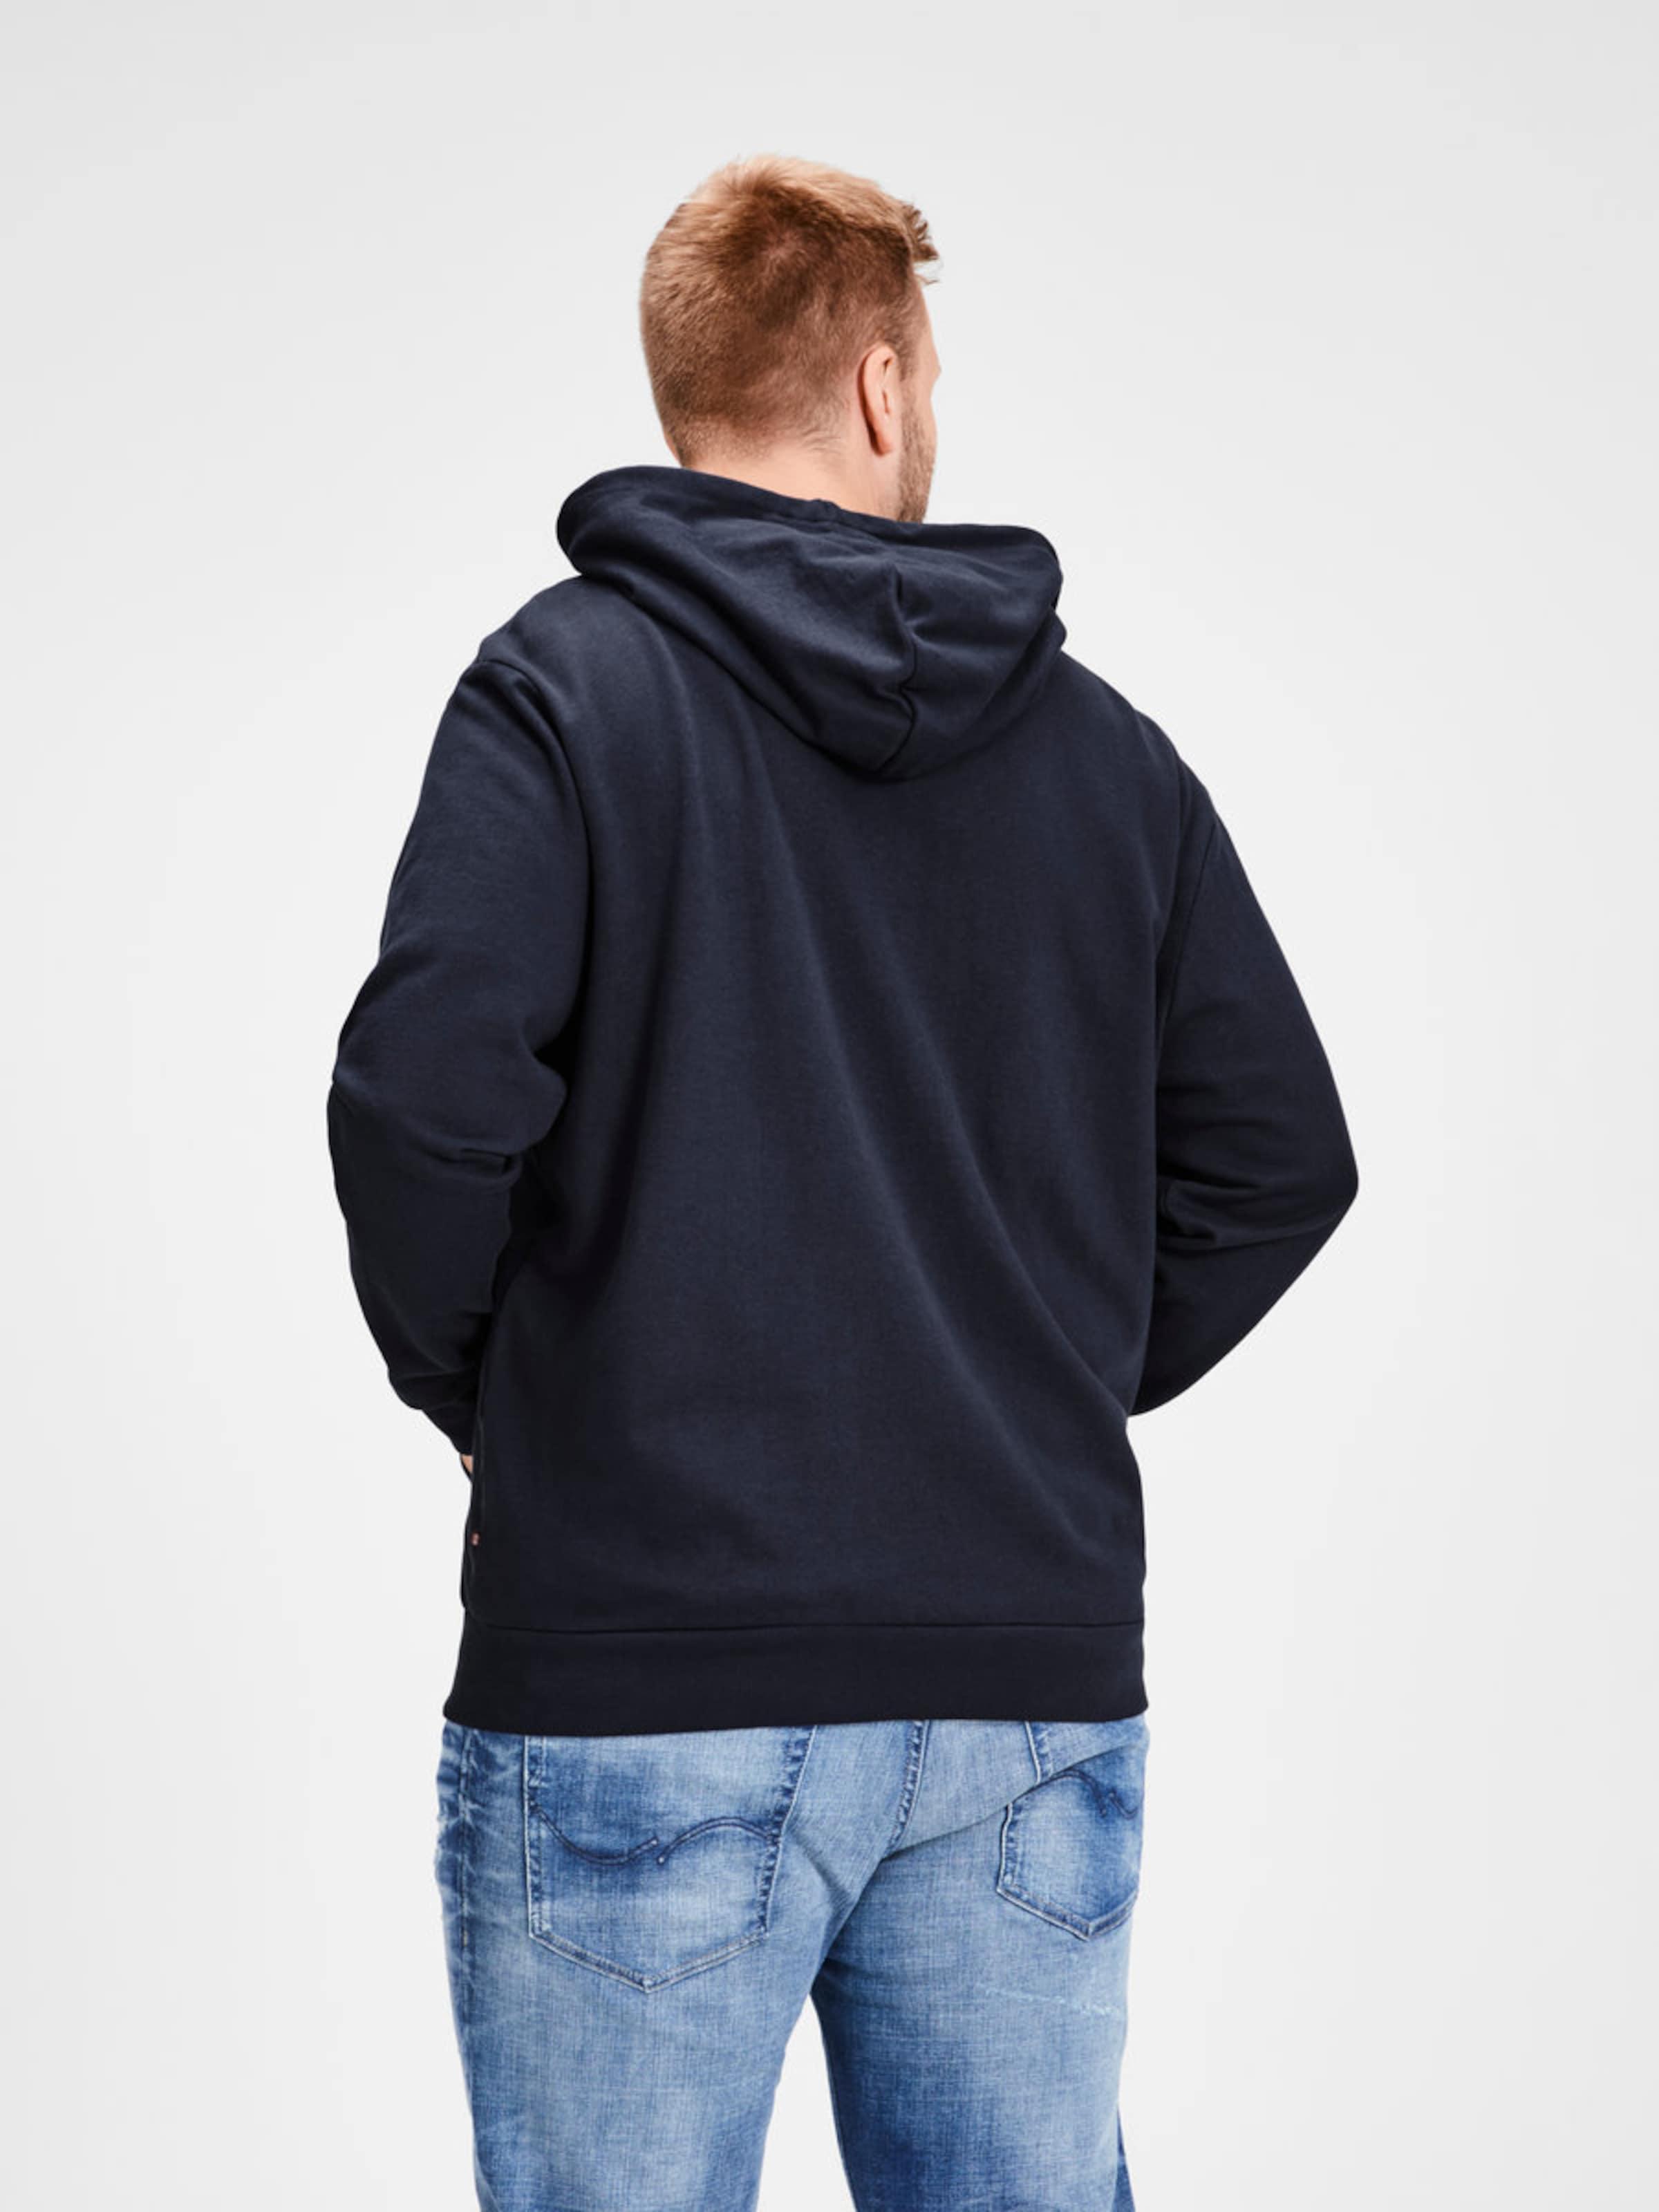 Jackamp; Noir shirt En Sweat Jones oxdCBe